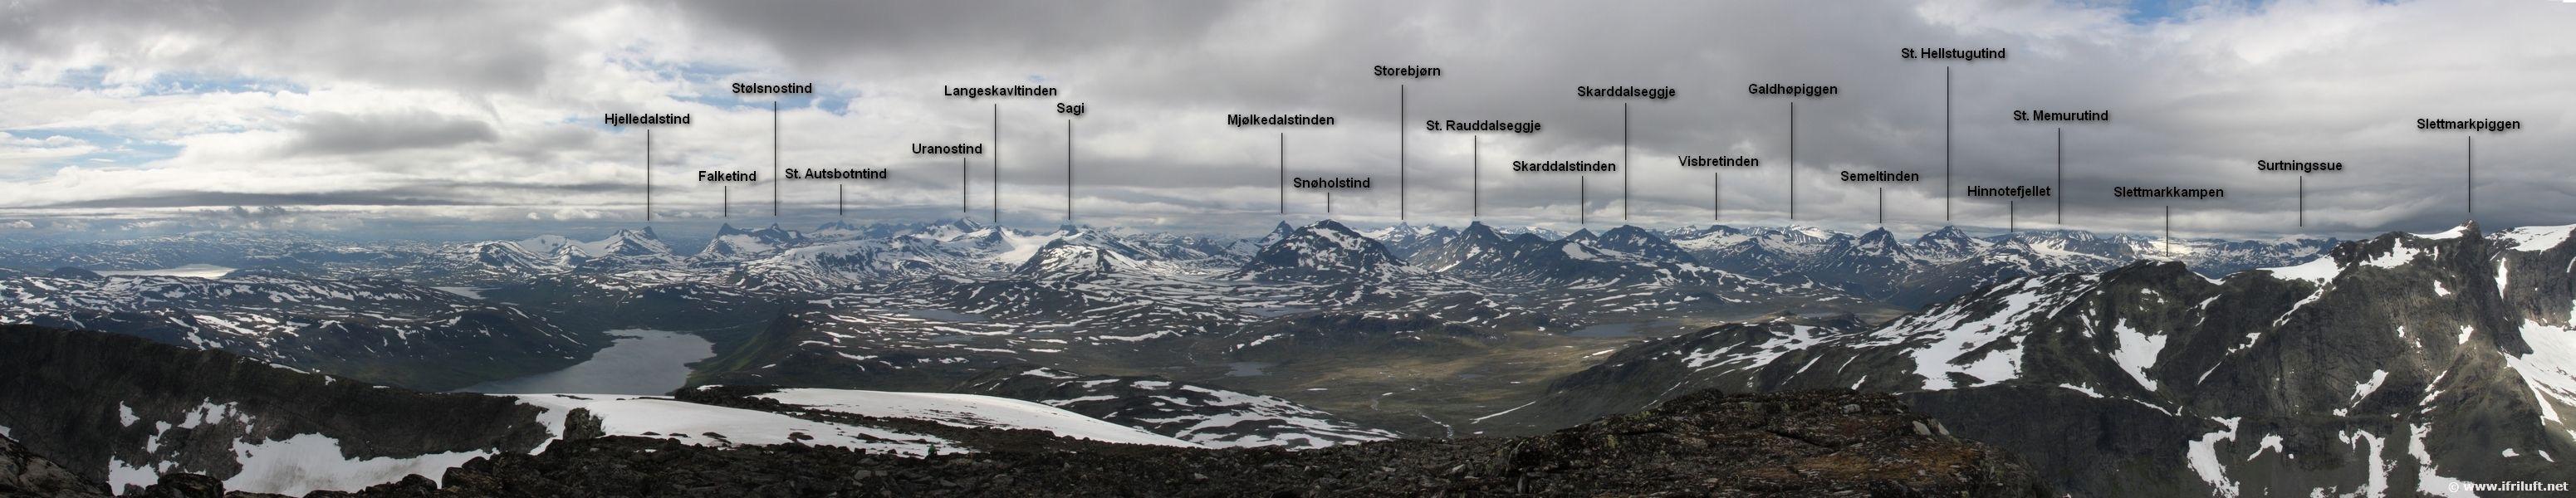 Galdebergtinden_Panorama_vest_navn